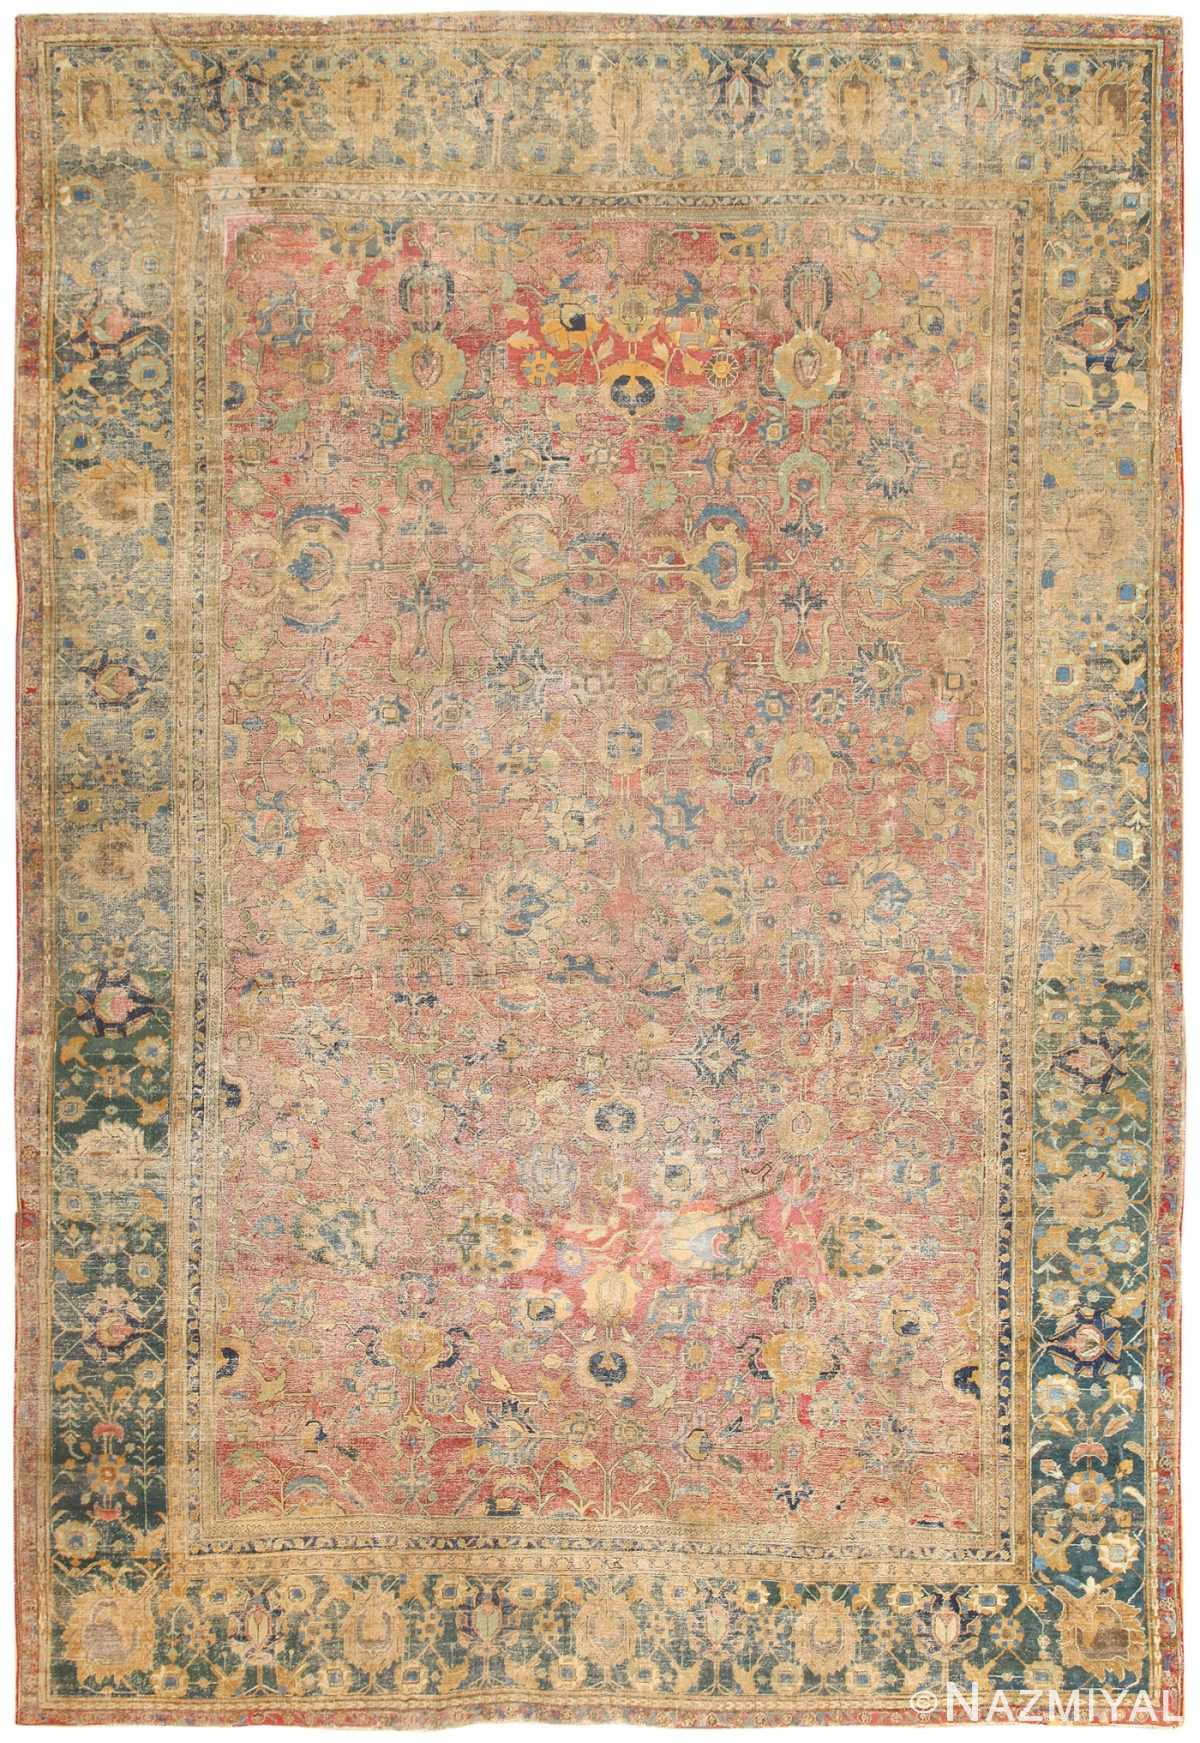 Early 17th Century Persian Isfahan Carpet 50160 Nazmiyal